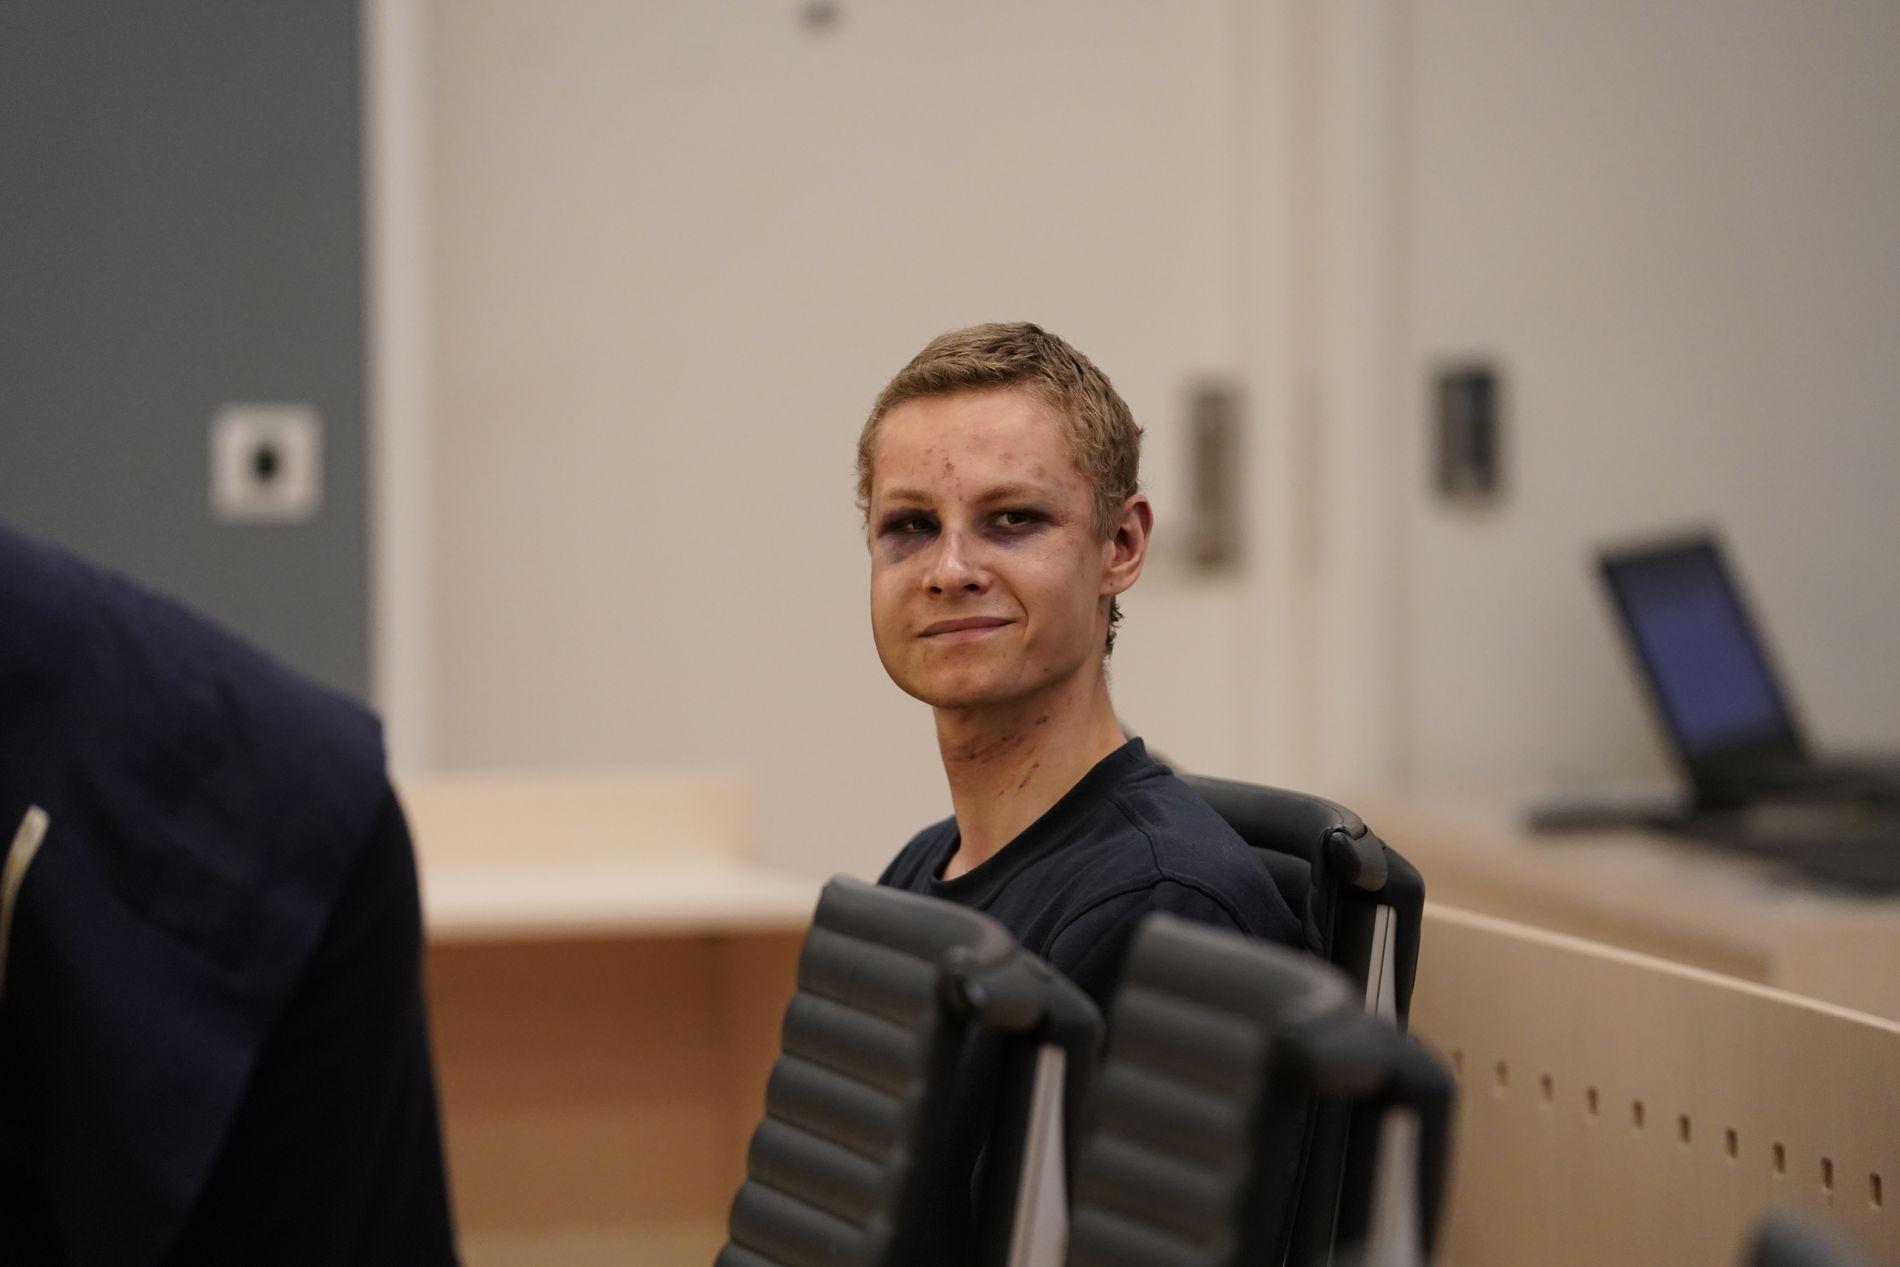 VARETEKTSFENGSLET: Philip Manshaus (21) er siktet for å ha drept sin egen stesøster